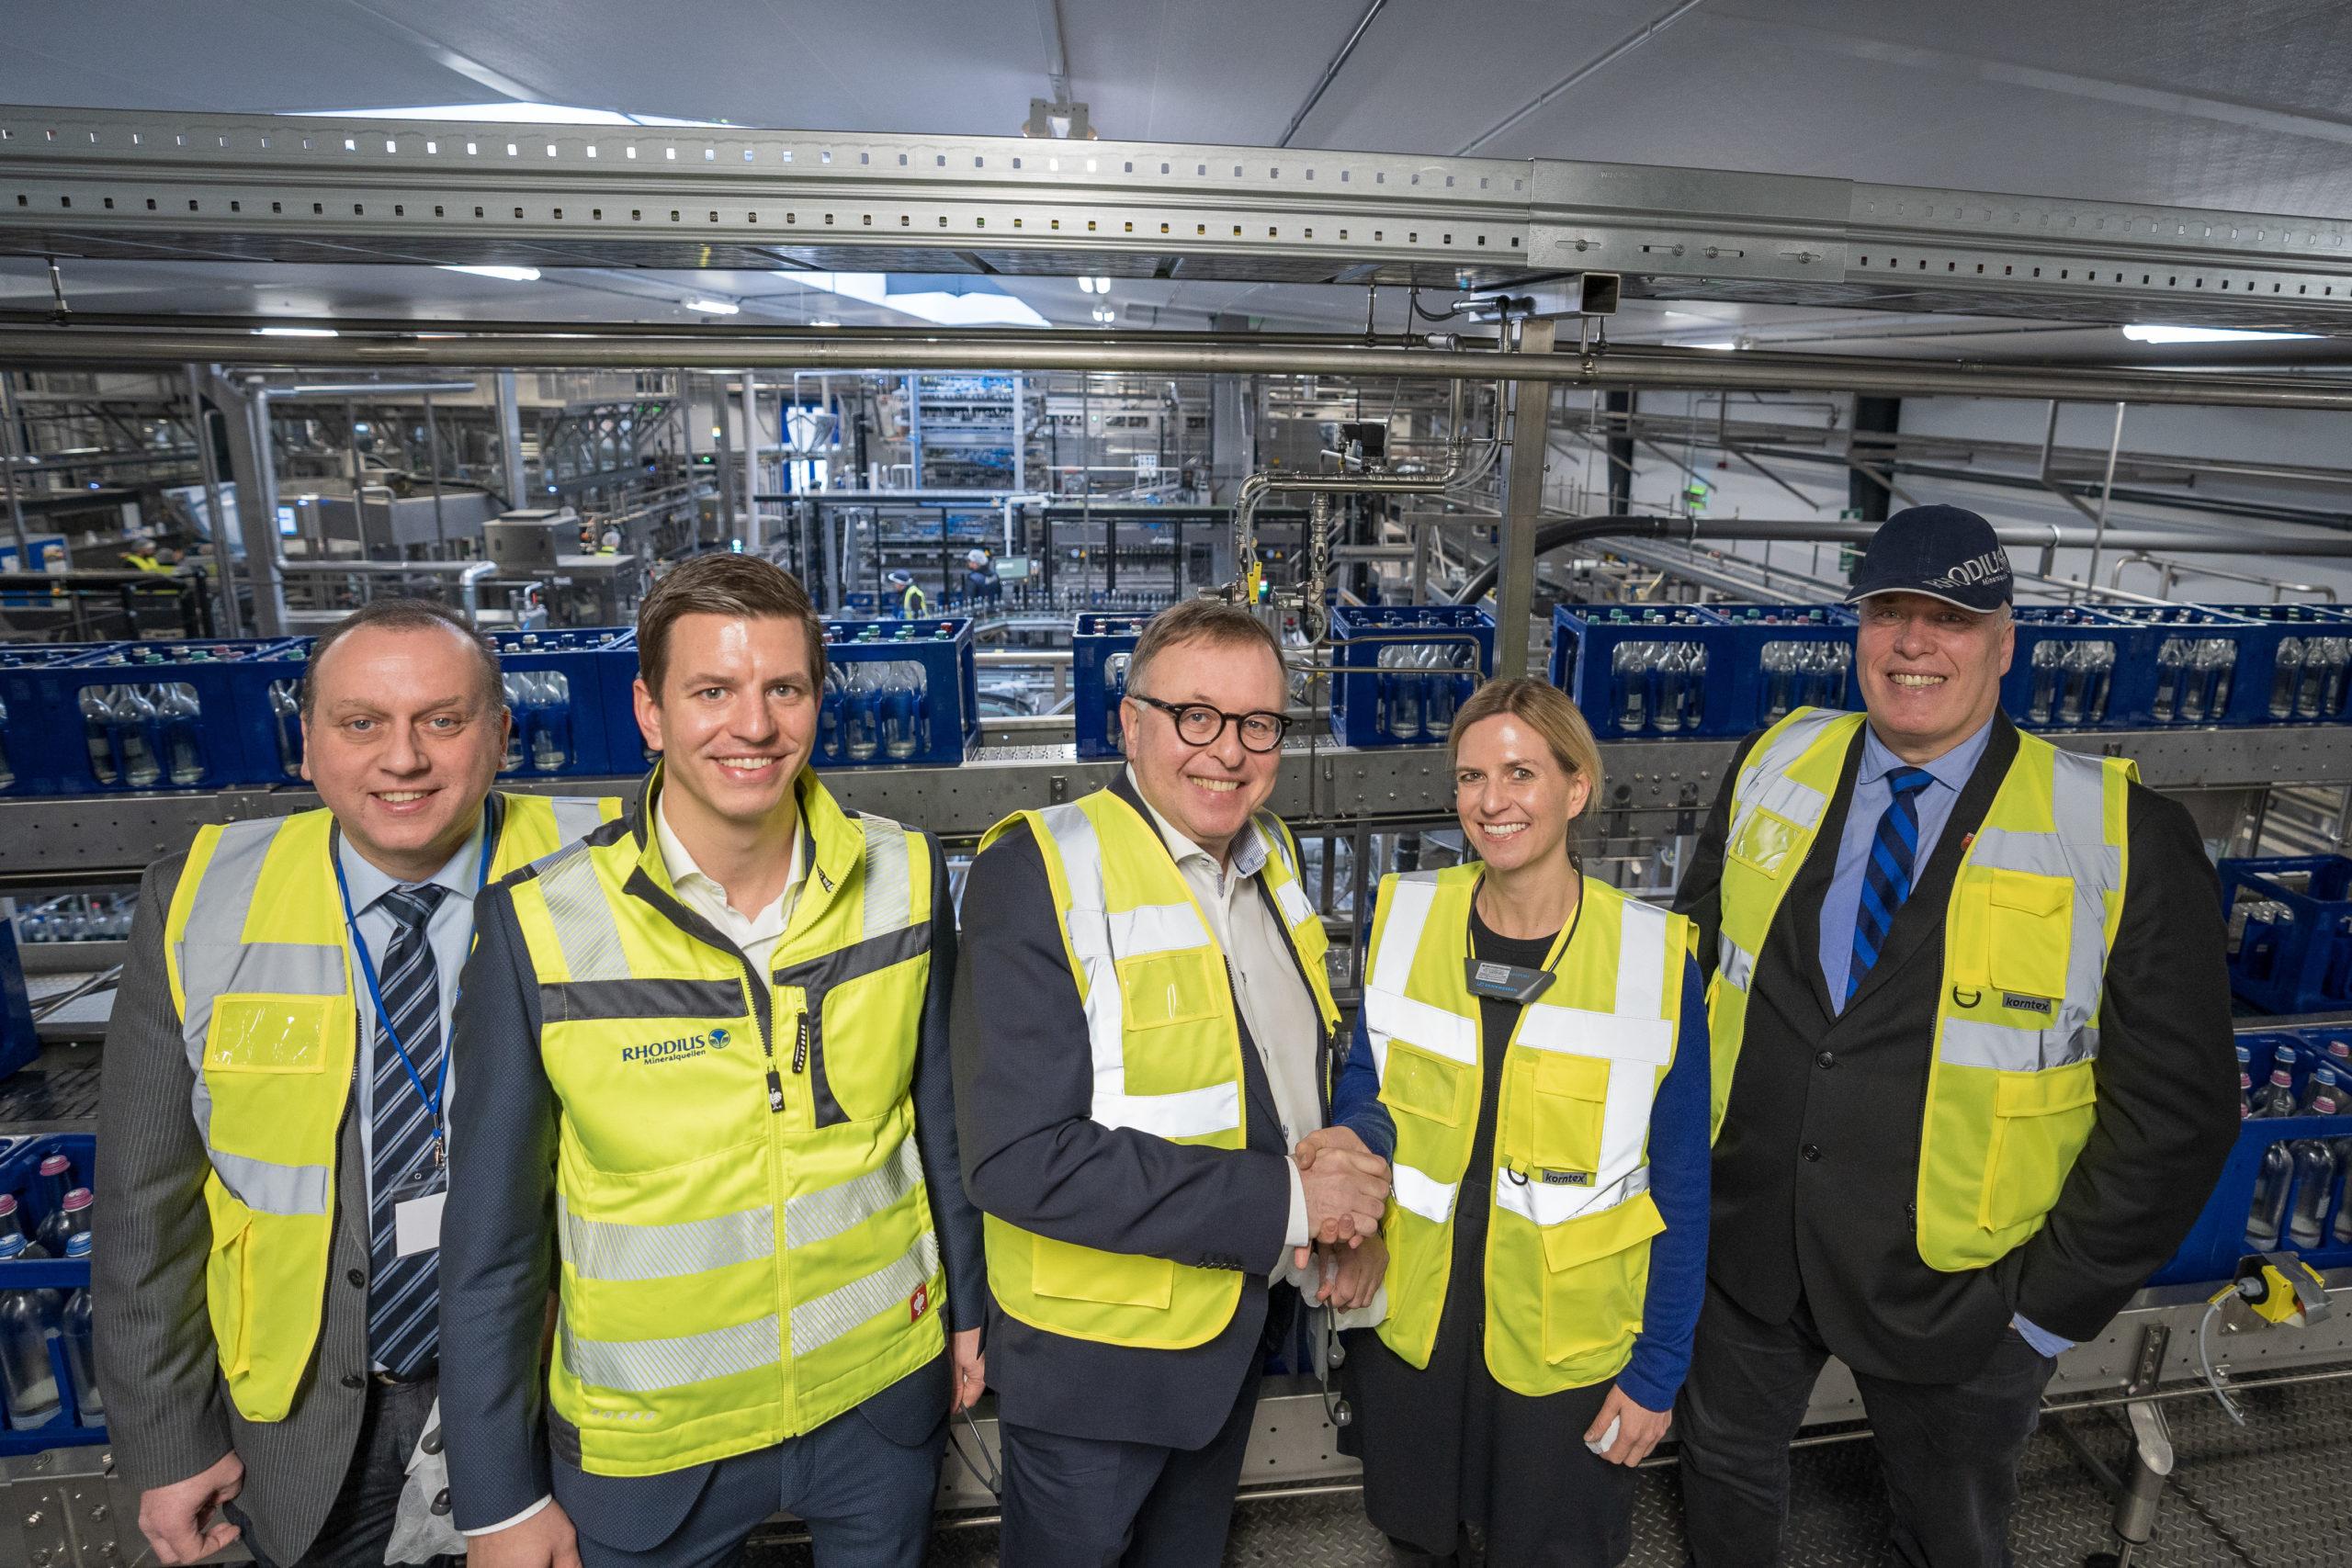 RHODIUS Mineralquellen investiert in die Zukunft: 15 Mio. € für neue Glas-Mehrweganlage am Standort Burgbrohl 50% mehr Leistung bei 40% weniger Energieverbrauch